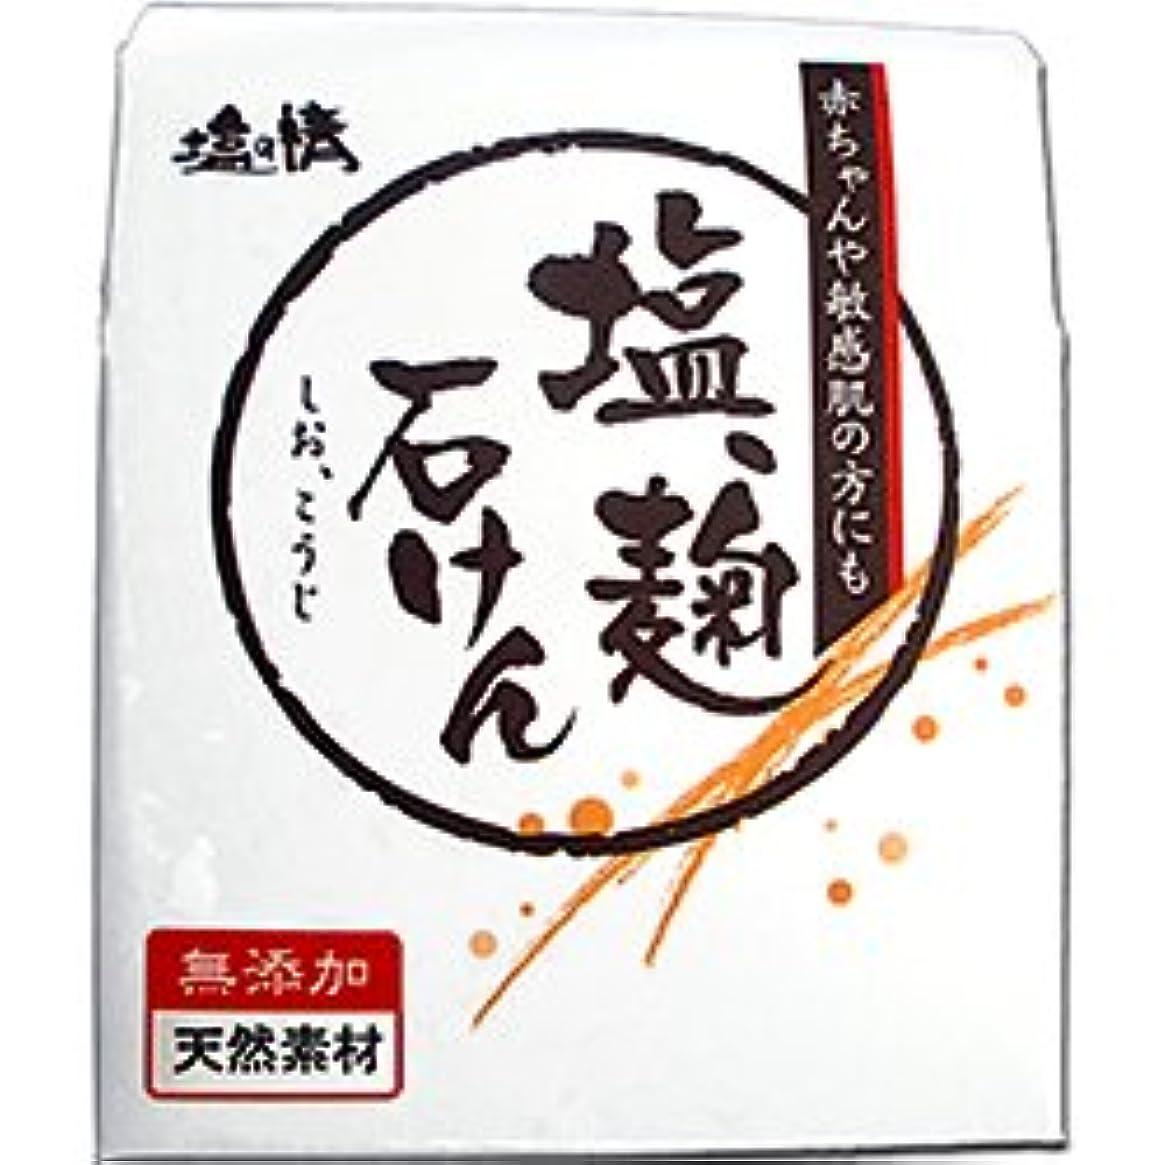 静かにスマイルベテラン【ダイムヘルスケア】塩の精 塩、麹石けん(しお、こうじせっけん) 無添加?天然素材 80g ×10個セット